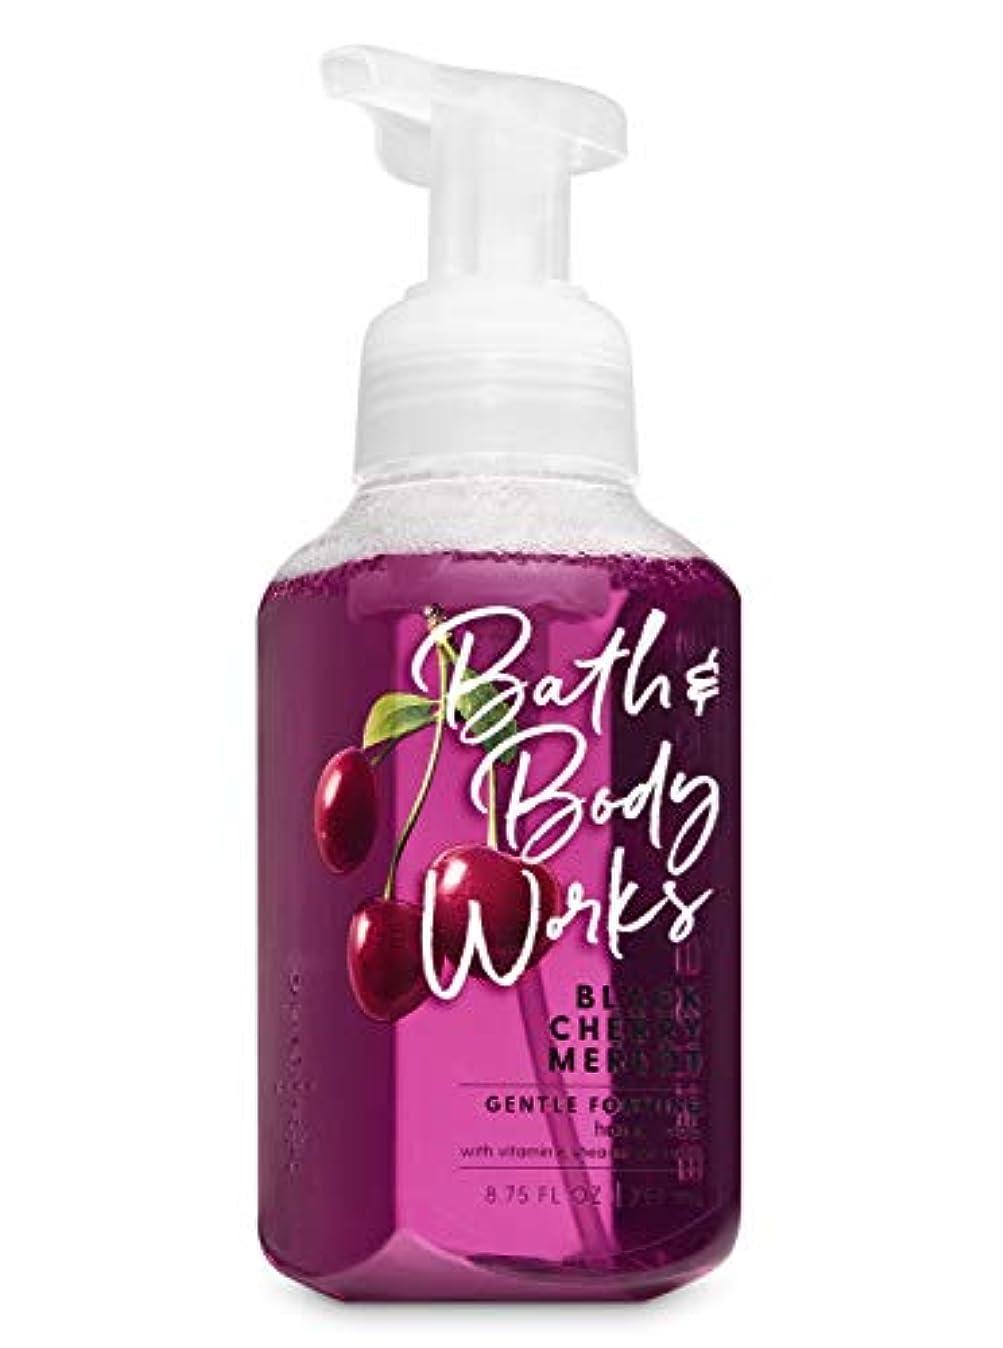 はさみむしゃむしゃ昆虫バス&ボディワークス ブラックチェリー マーロット ジェントル フォーミング ハンドソープ Black Cherry Merlot Gentle Foaming Hand Soap